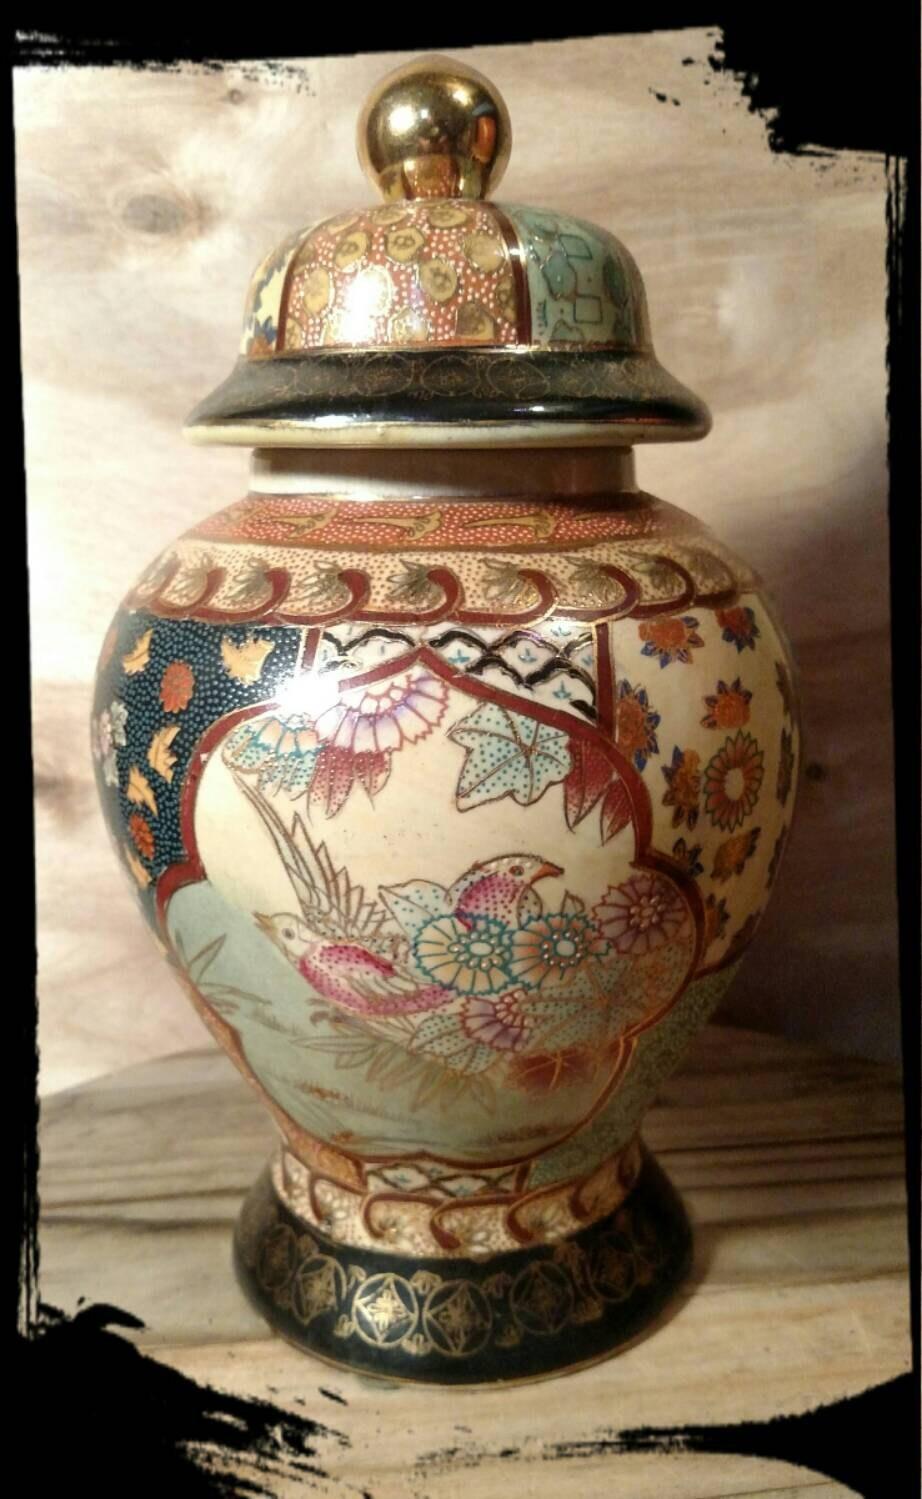 collectible kitchen porcelain ginger jar far east rice jar. Black Bedroom Furniture Sets. Home Design Ideas